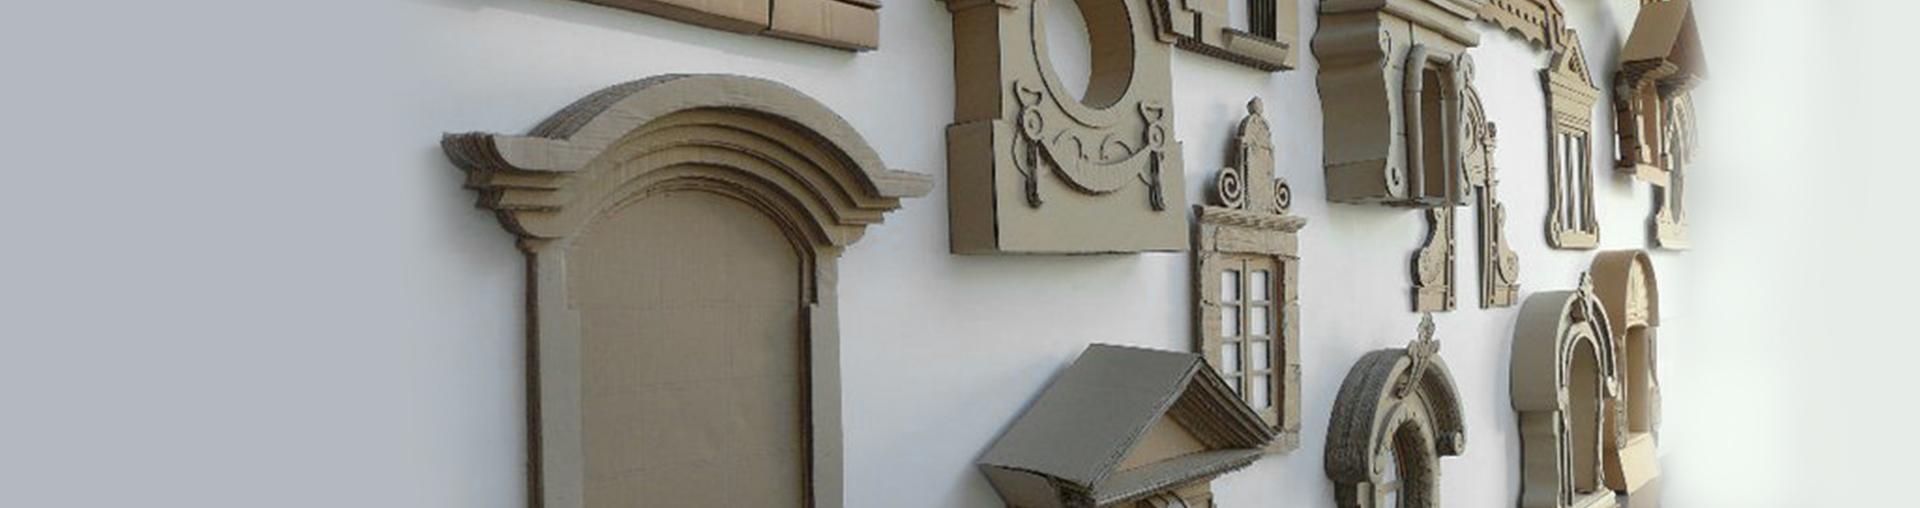 IFAT-Ecole Architecture Interieure-vannes-morbihan-bretagne